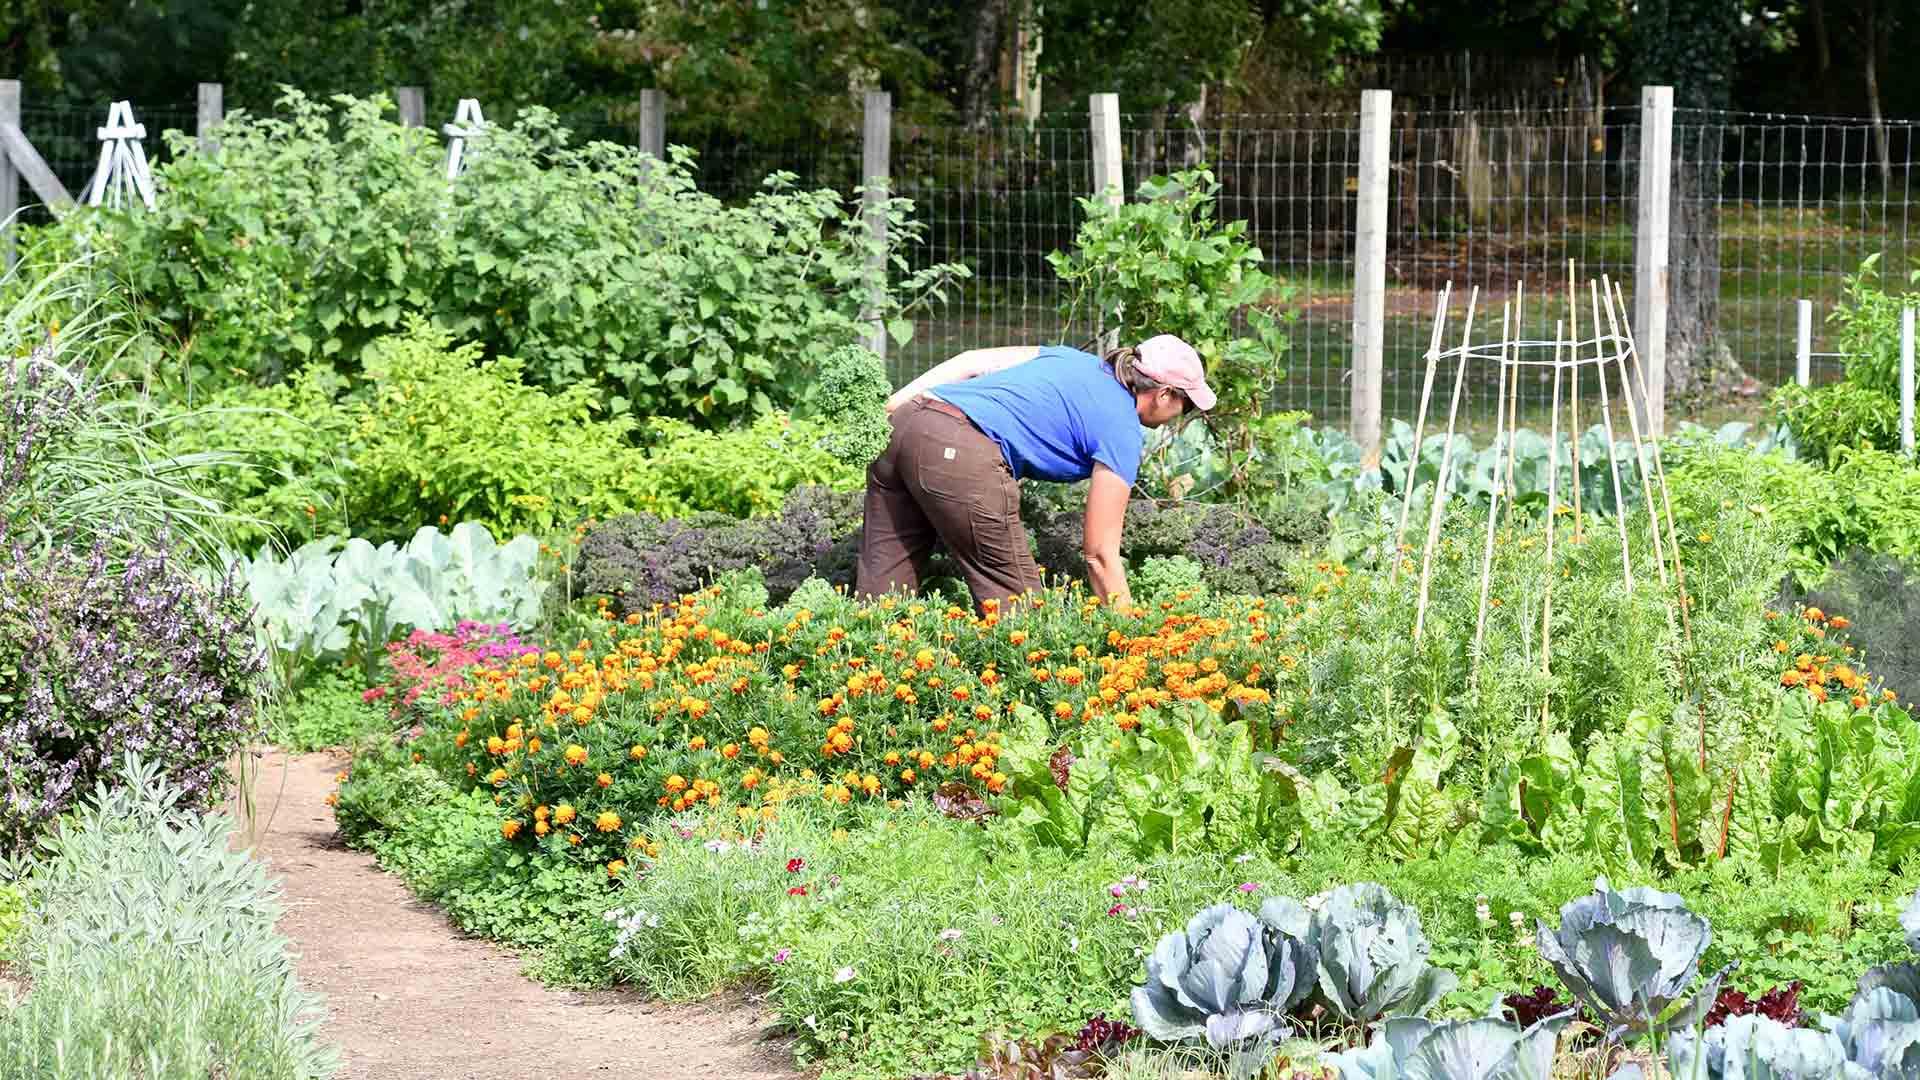 Outdoor - Inspirationen für Balkon und Garten - Planung eines Überlebensgartens für Essen und Medizin - so geht's einfach desmondo